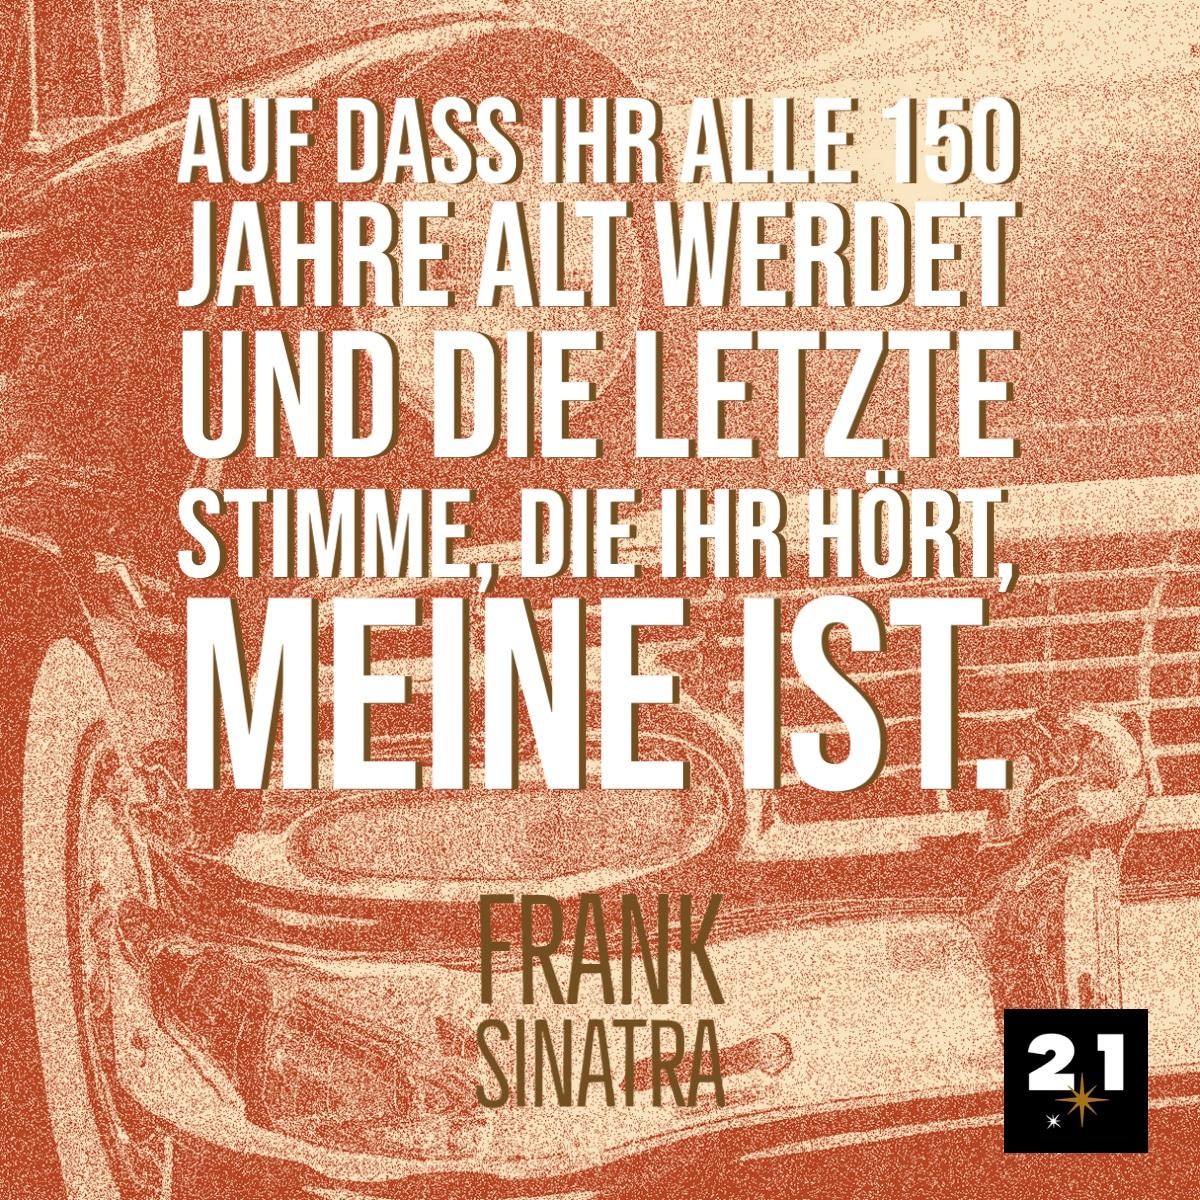 Frank Sinatra & Superstar